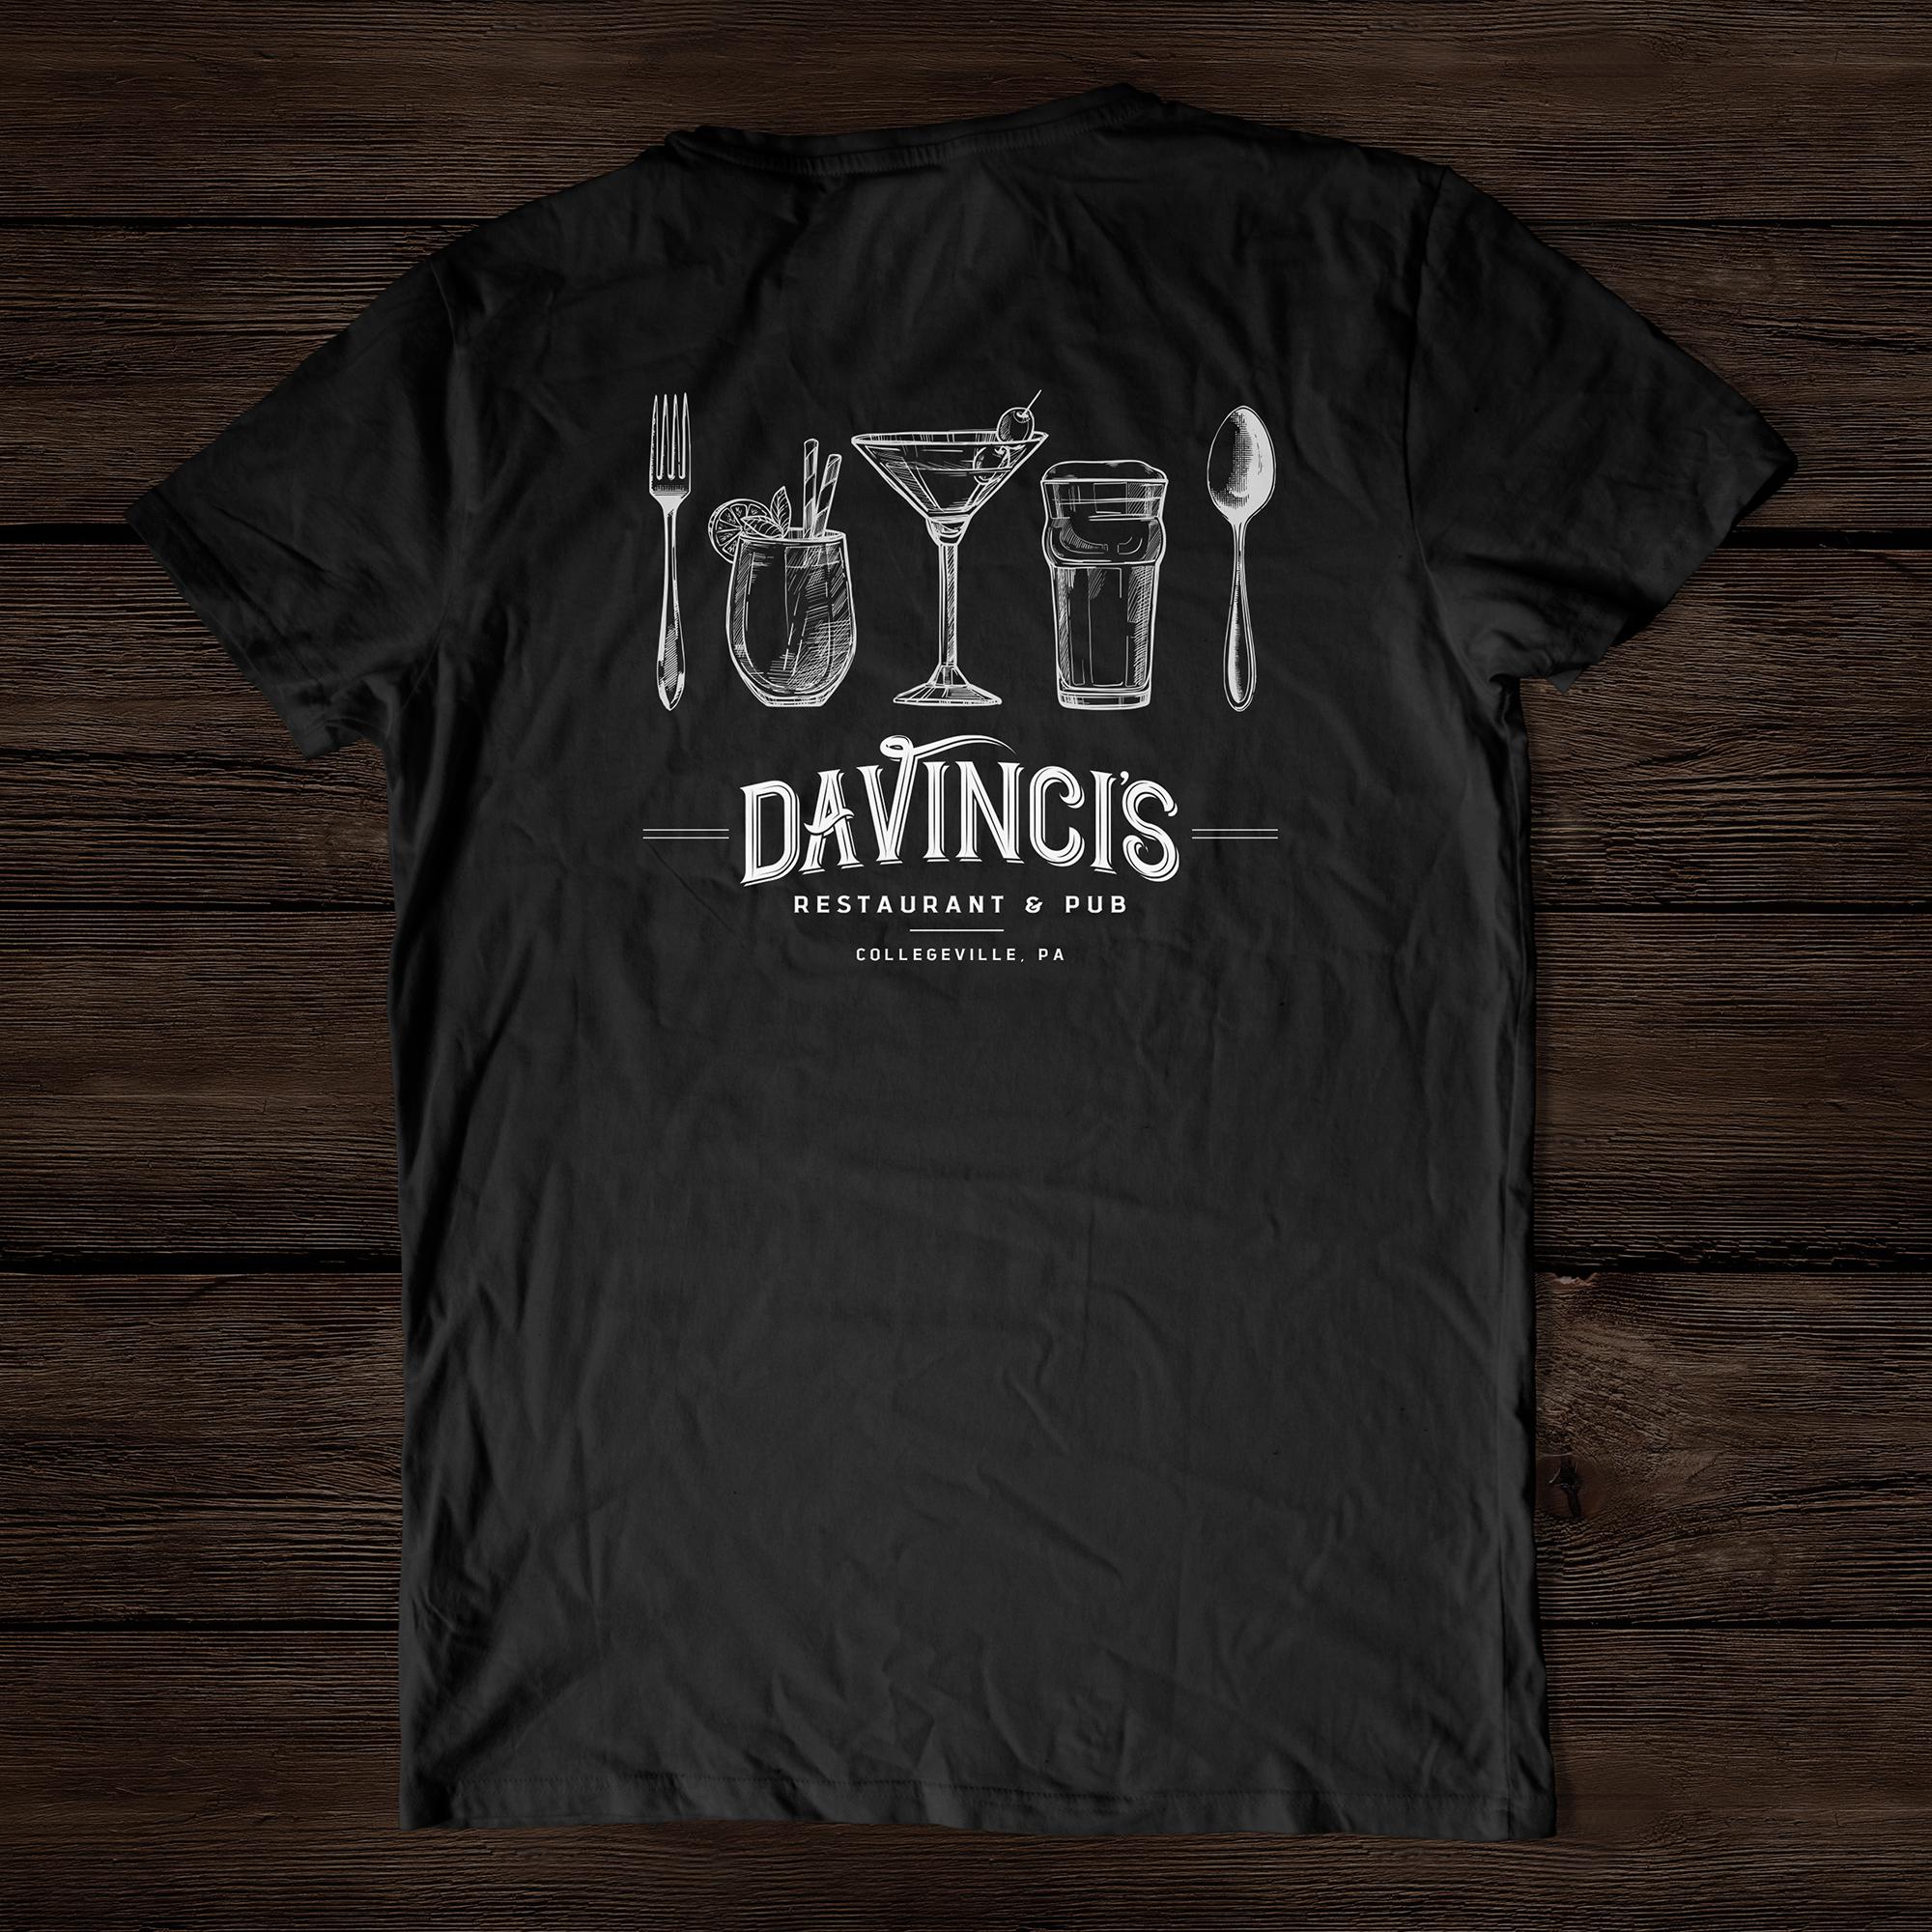 davincis-shirt.jpg